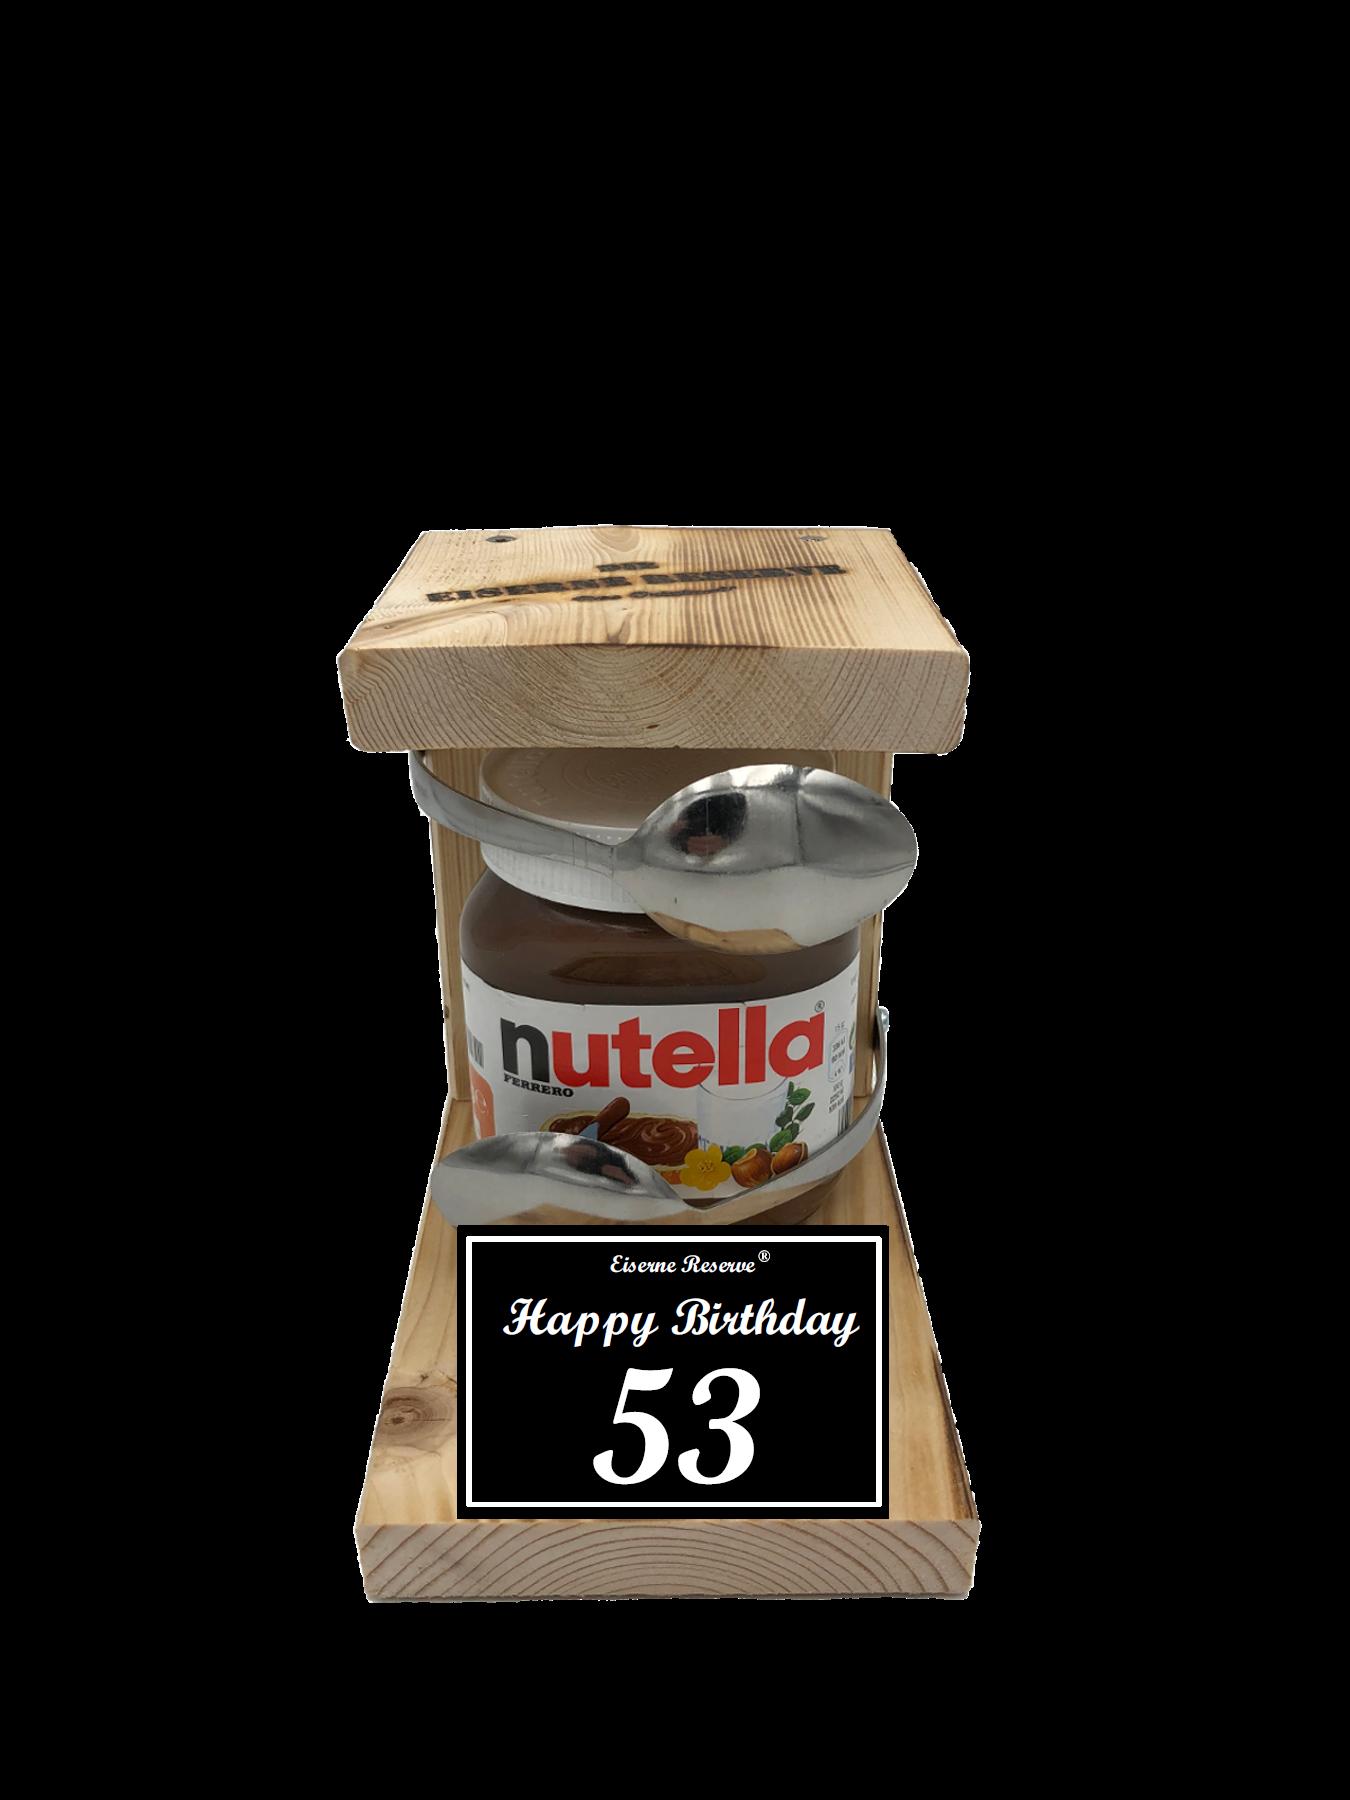 53 Happy Birthday Löffel Nutella Geschenk - Die Nutella Geschenkidee